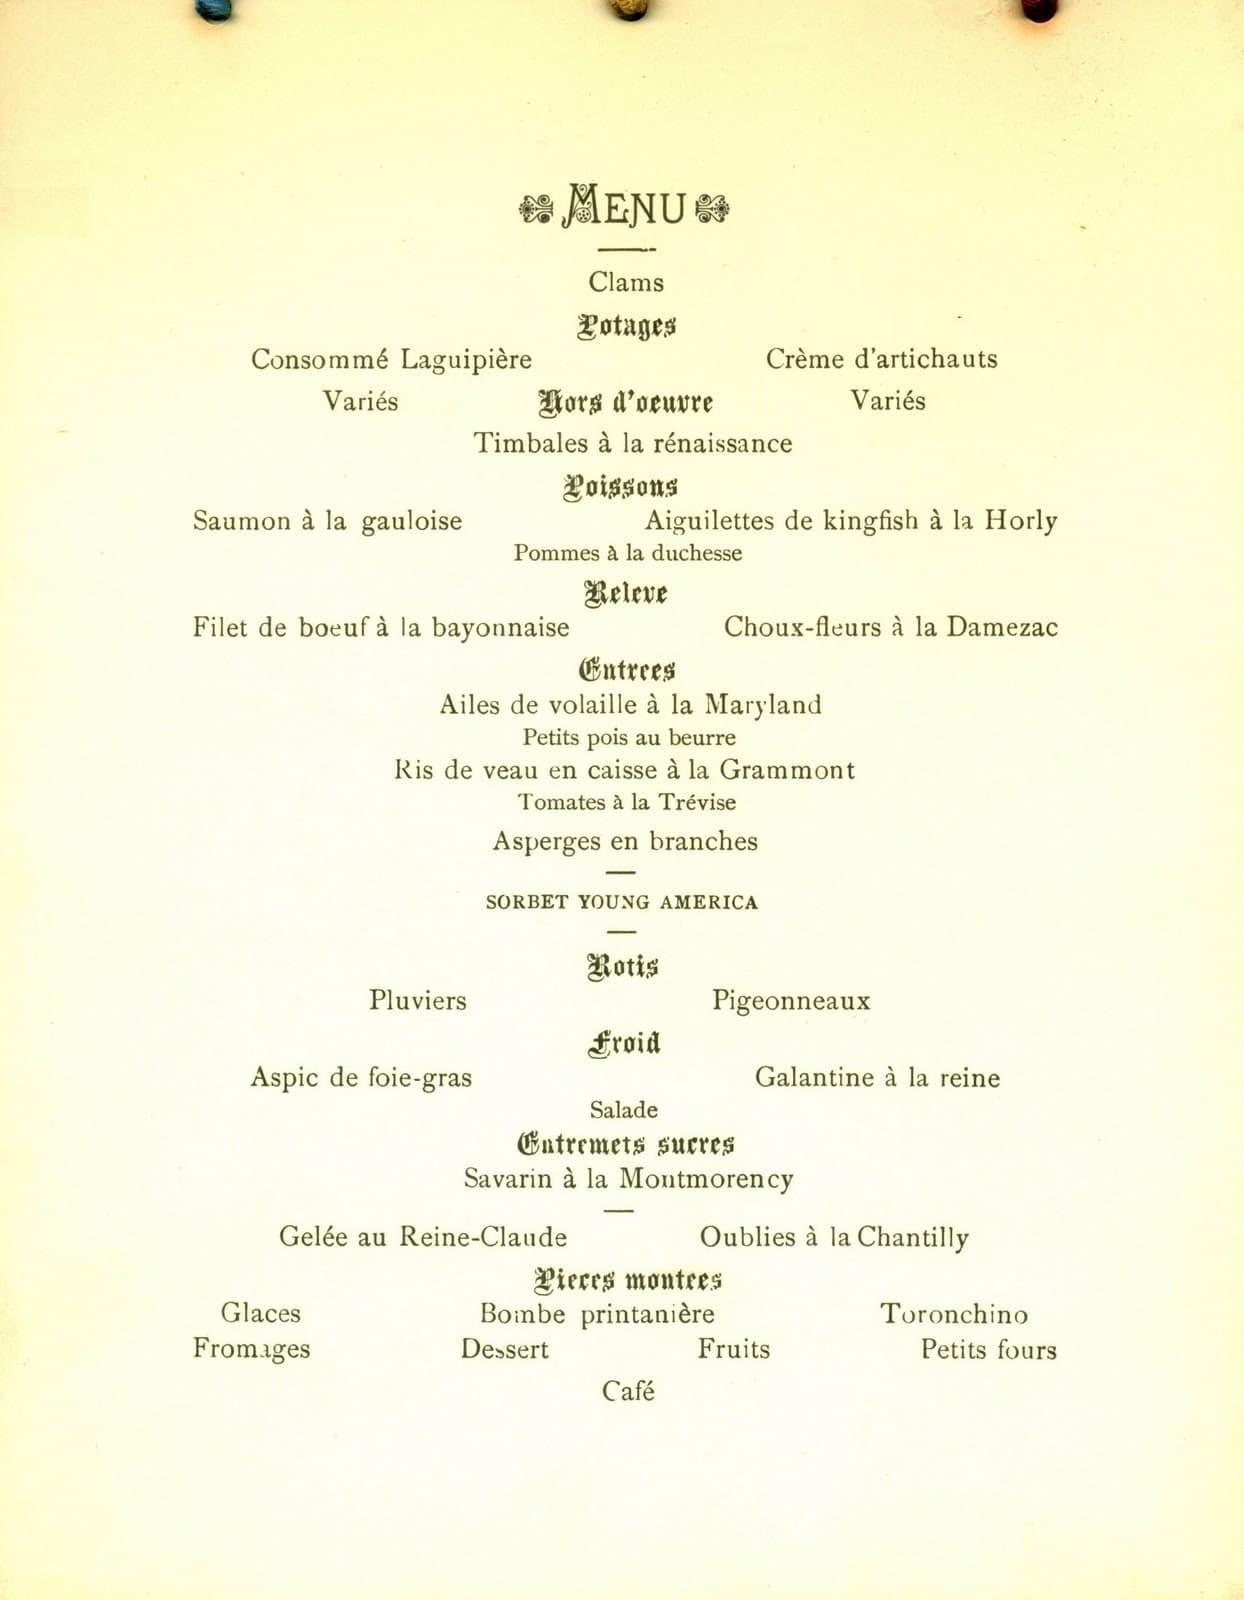 Delmonico's Menu 1885